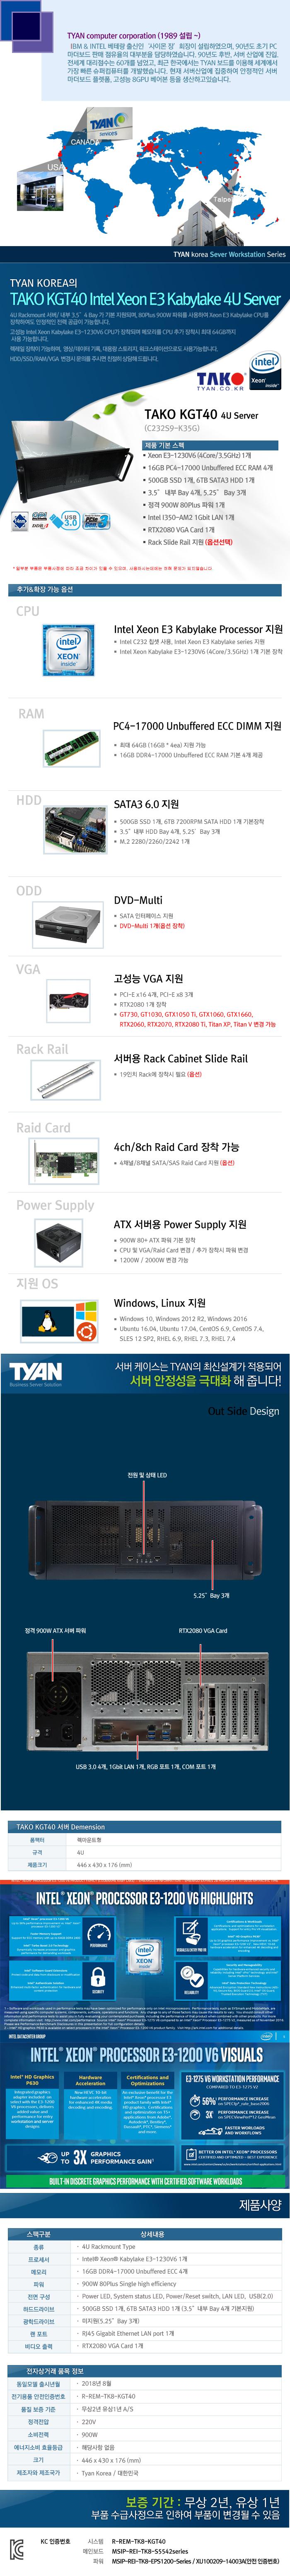 TYAN  TAKO-KGT40-(C232S9-K35G)-RTX2080(64GB, SSD 500GB + 6TB)